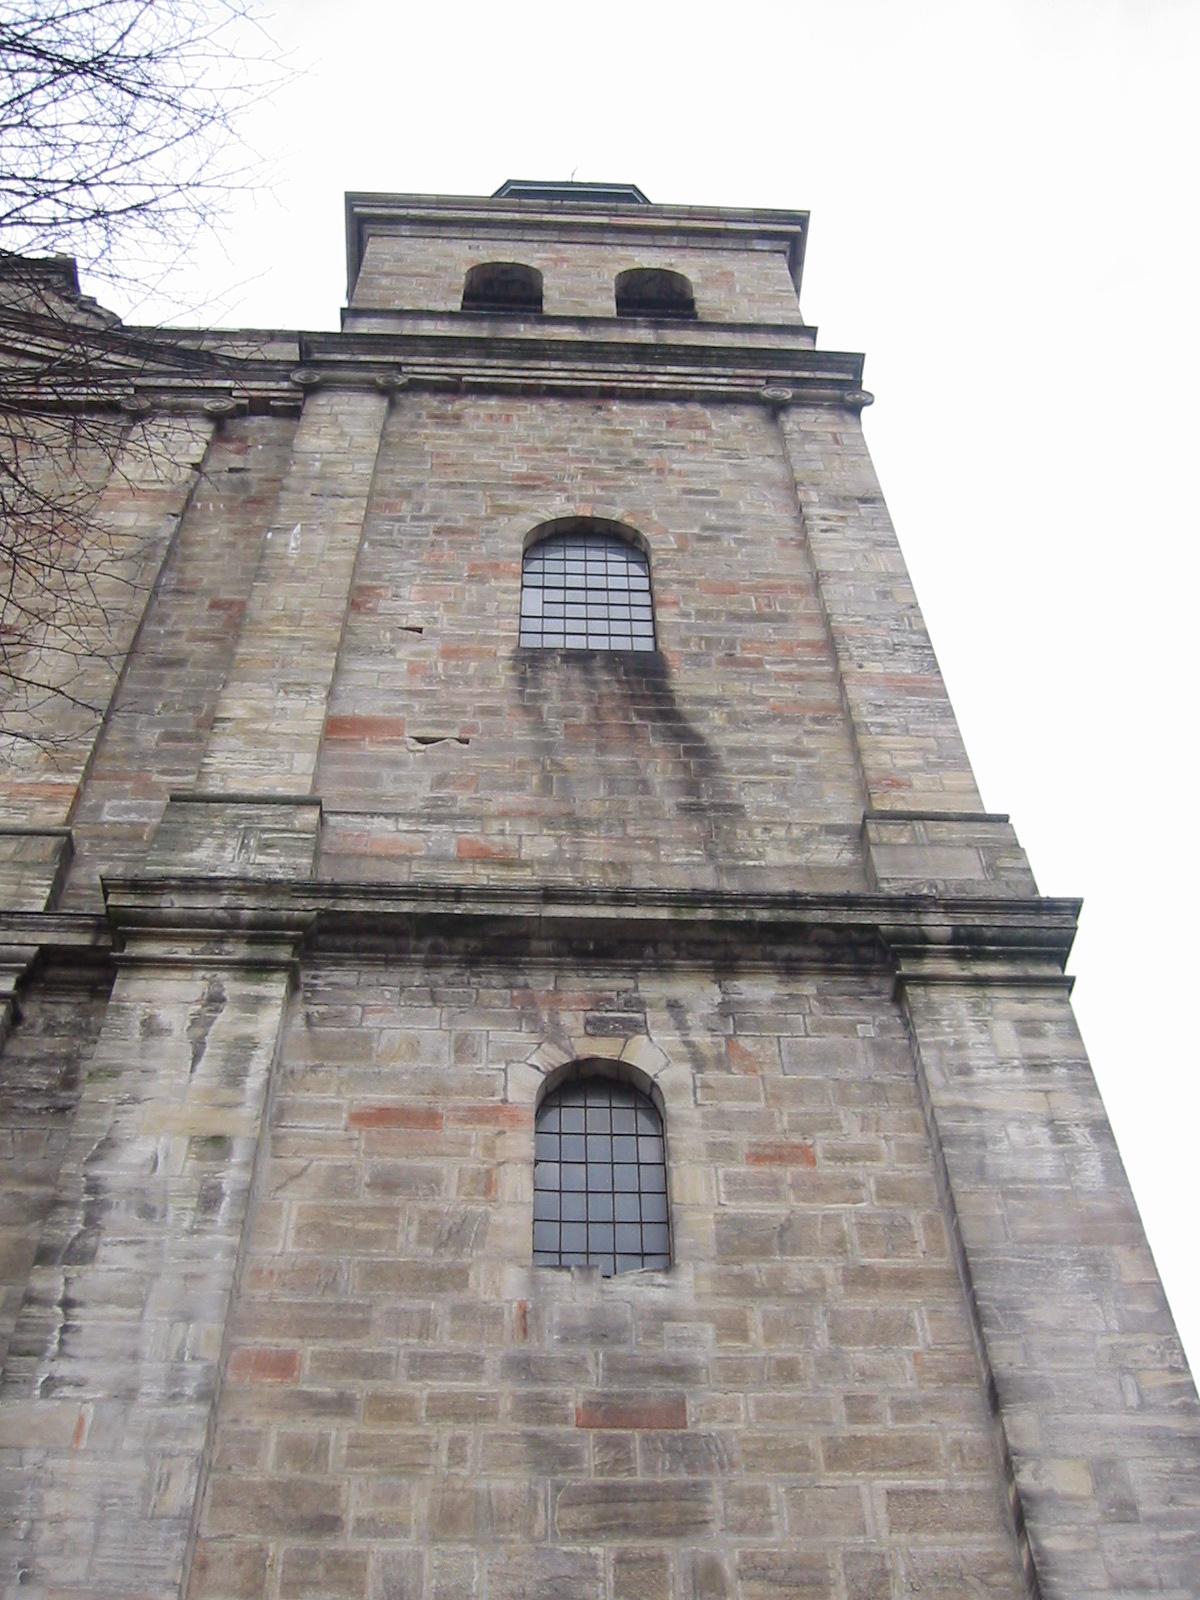 michieldeboer michiel de boer high tower castle steep towering images